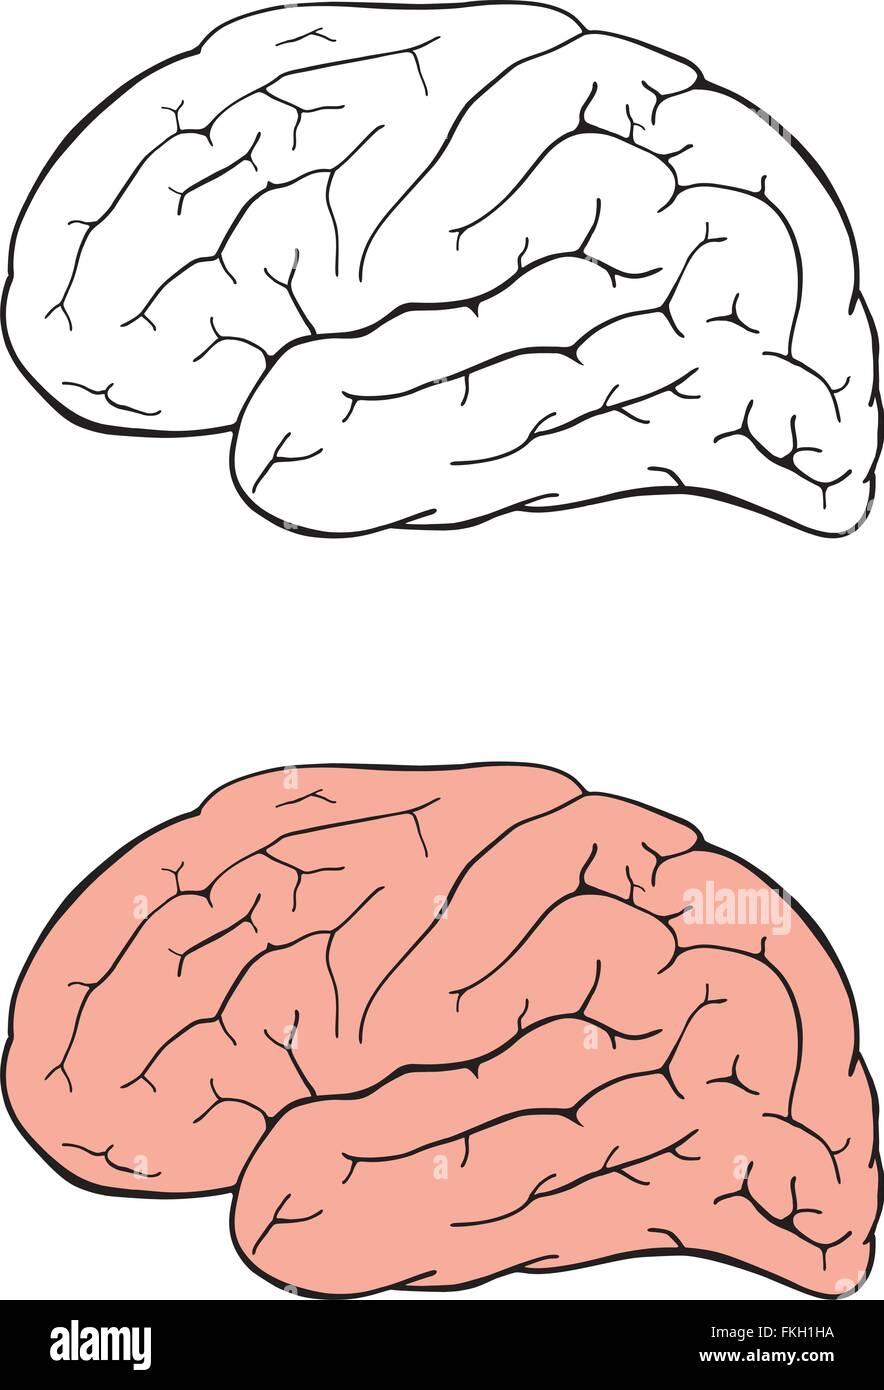 Dibujo del cerebro humano Imagen De Stock